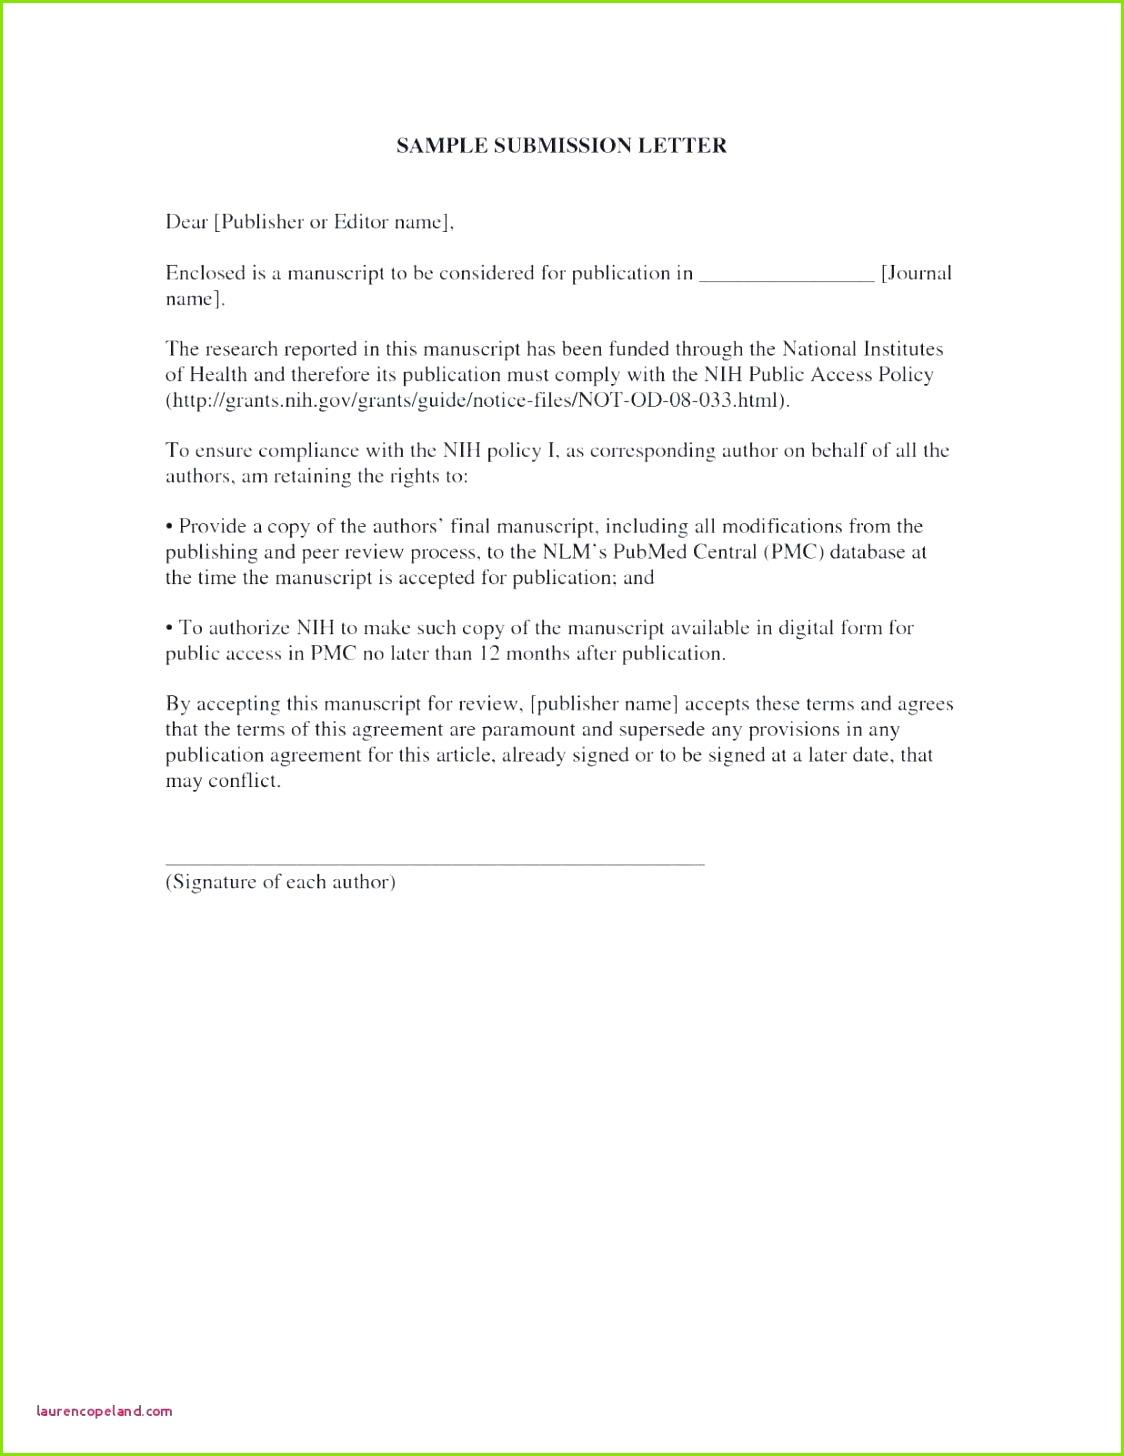 vorlage mitarbeitergesprach word 13 schulbefreiung muster di vorlage mitarbeitergesprach word